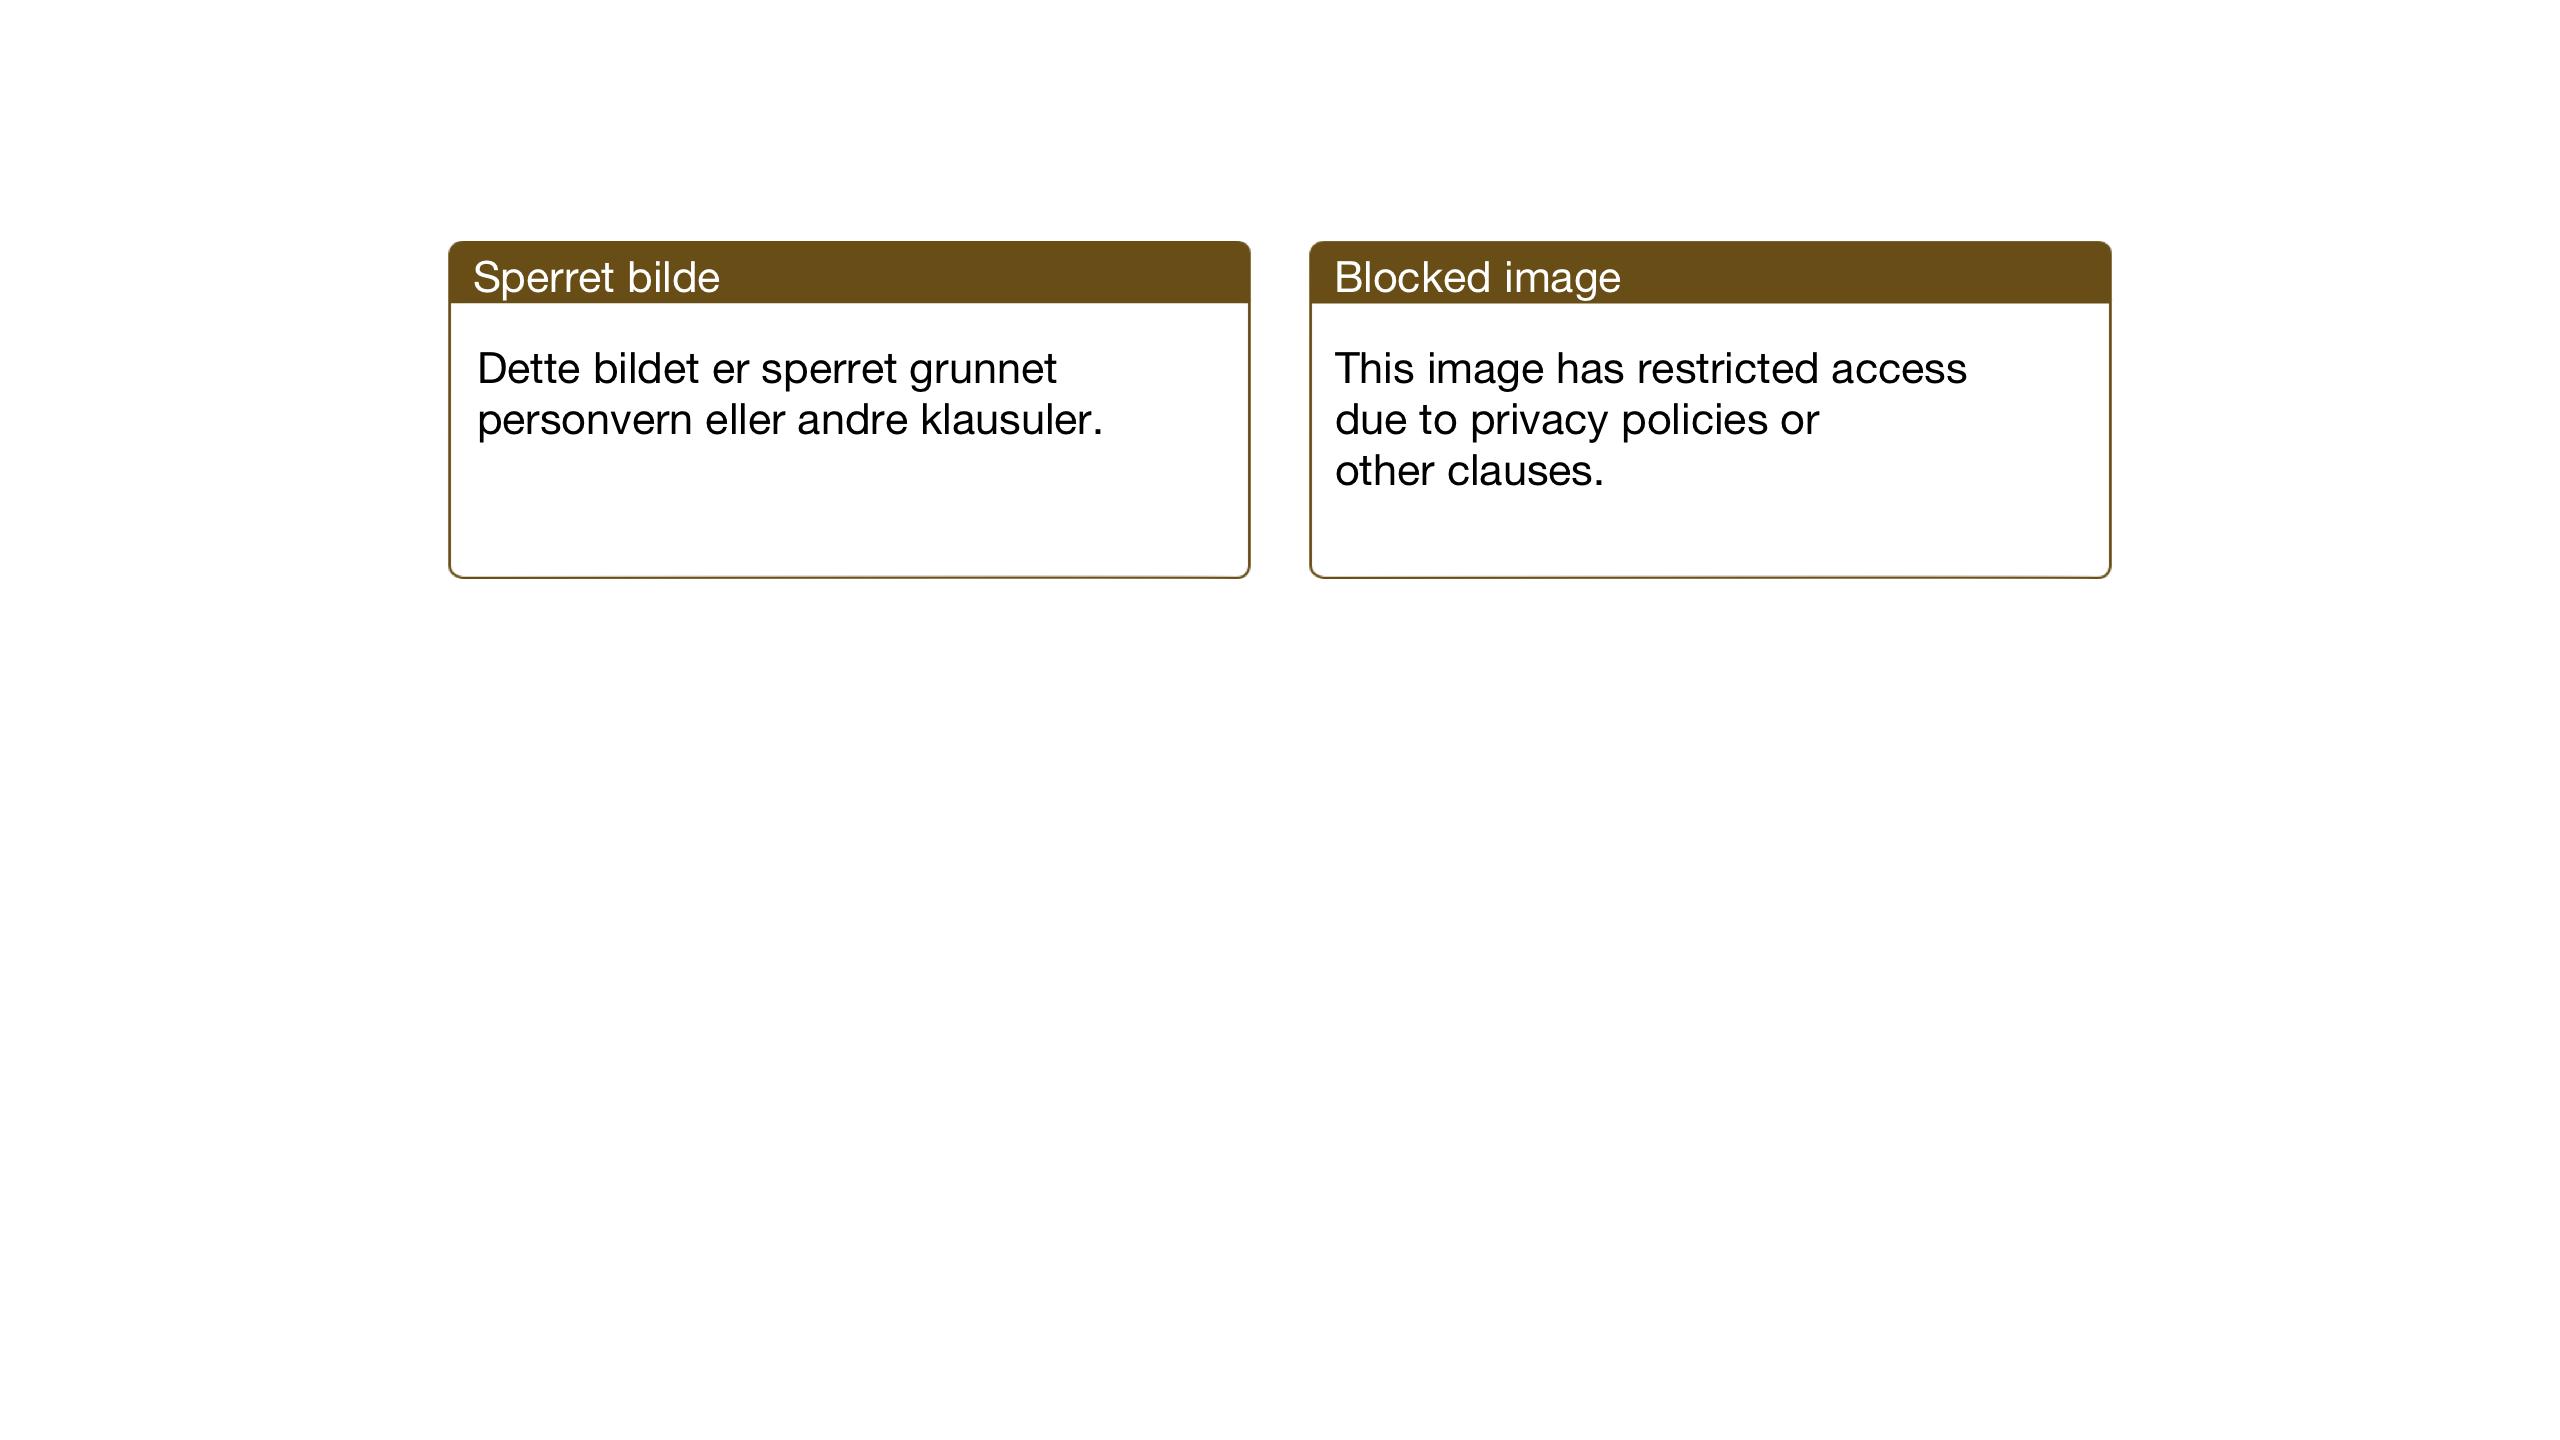 SAT, Ministerialprotokoller, klokkerbøker og fødselsregistre - Sør-Trøndelag, 638/L0569: Klokkerbok nr. 638C01, 1923-1961, s. 226